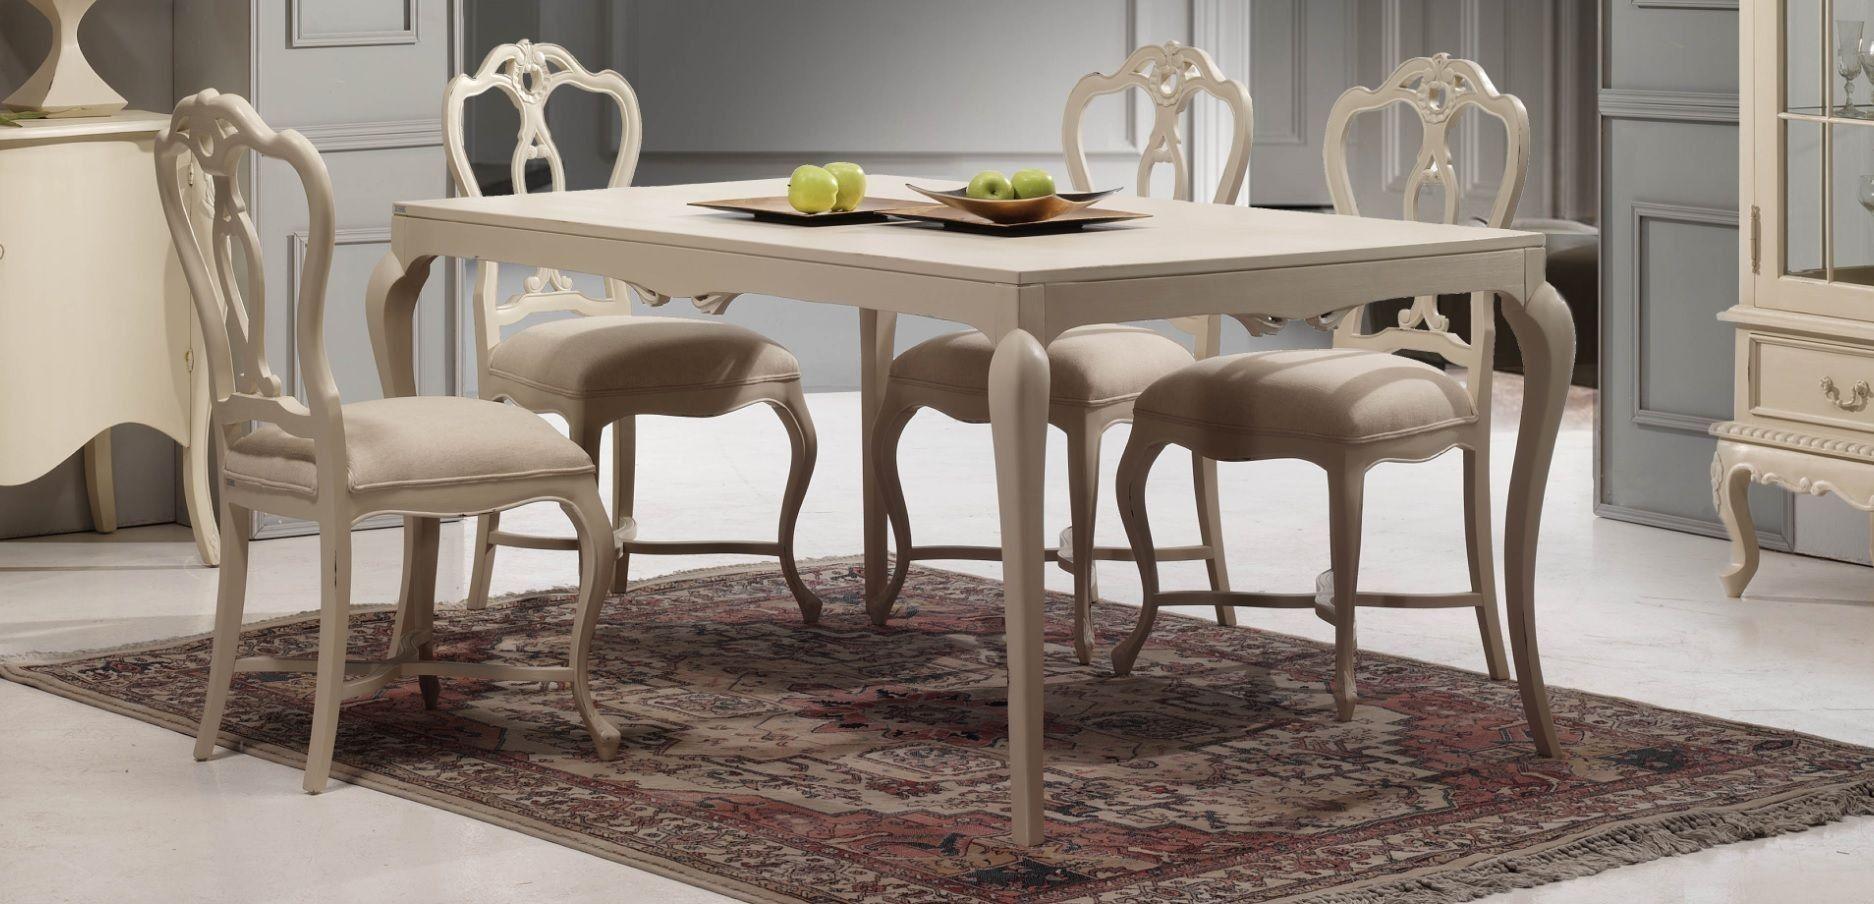 muebles de comedor clasicos - Buscar con Google | Home | Pinterest